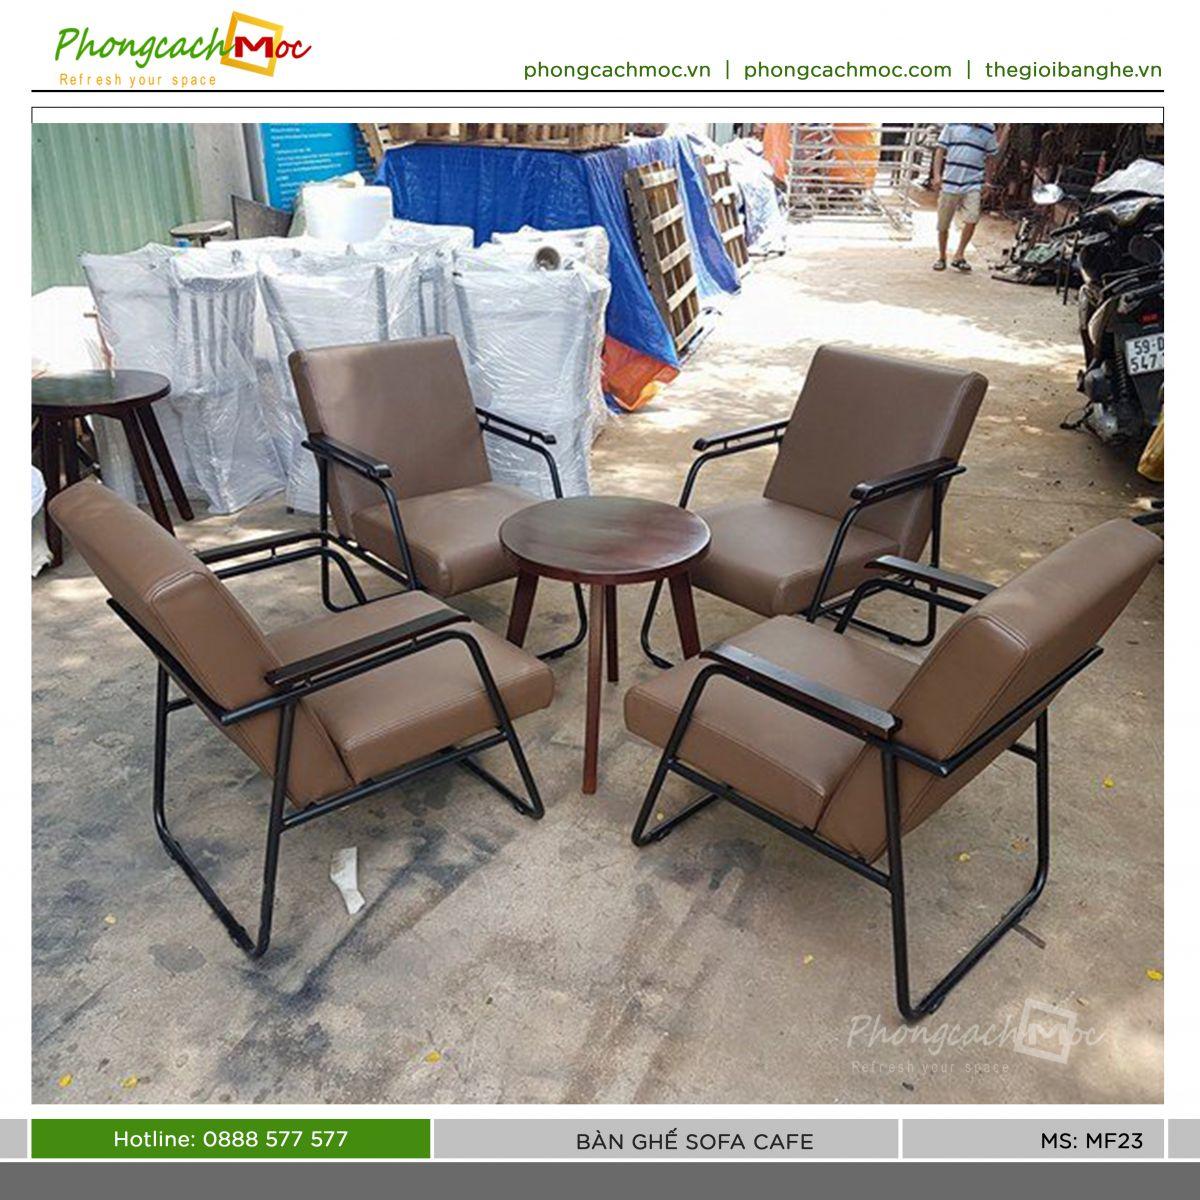 mẫu bộ bàn ghế sofa cà phê mf23 pcm